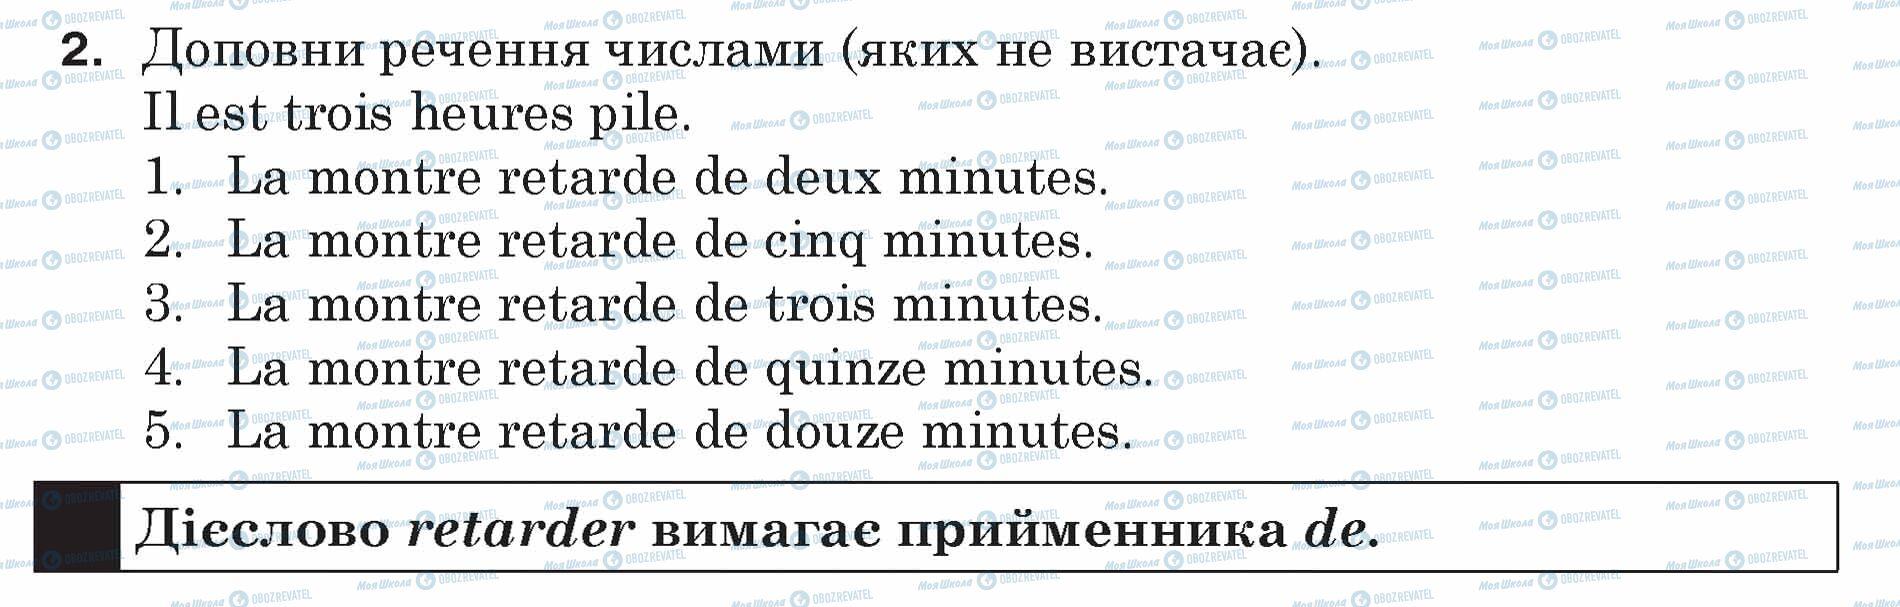 ГДЗ Французский язык 5 класс страница 2